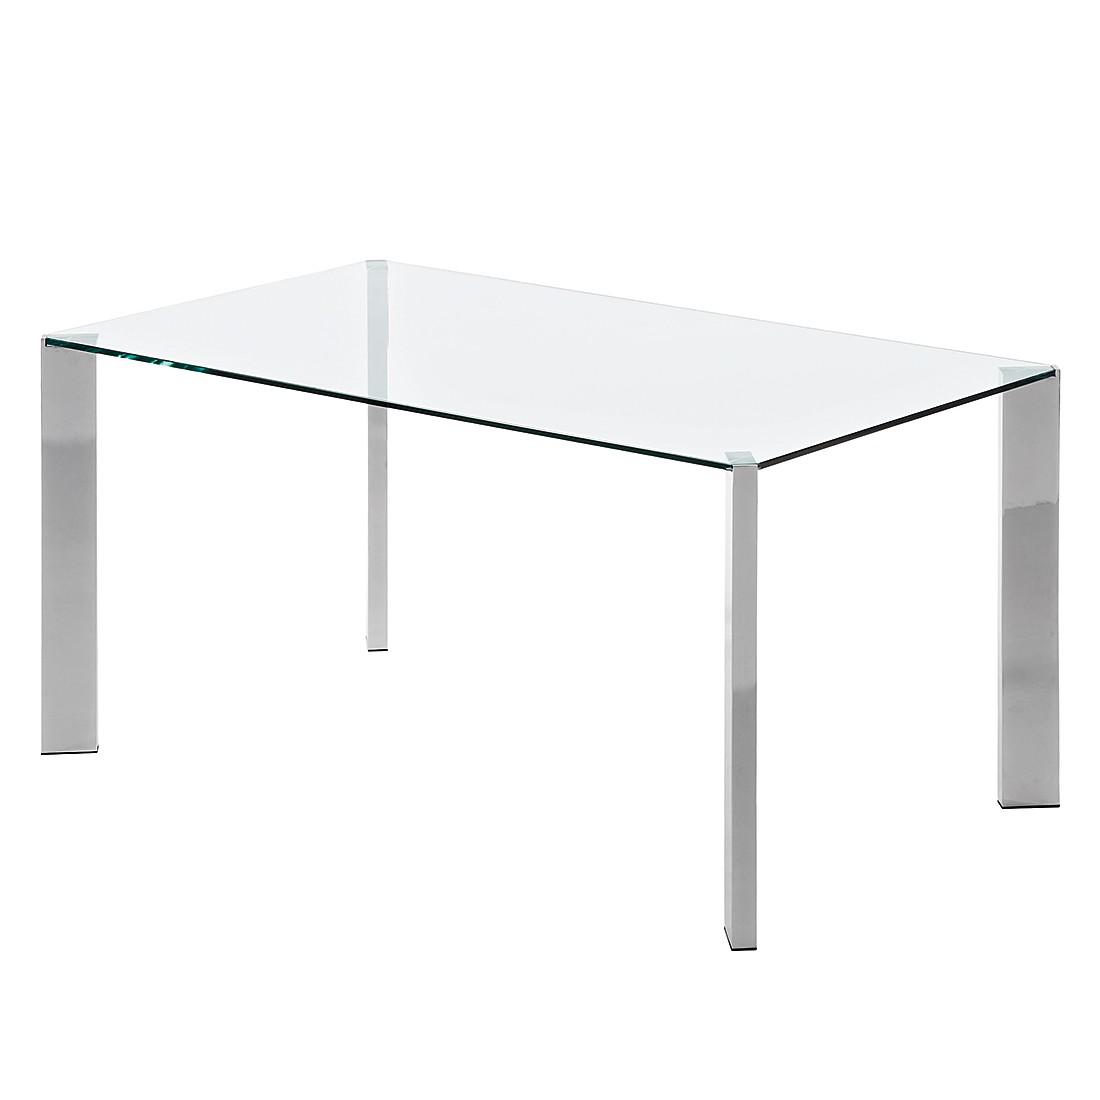 Esstisch glas 160 cm preis vergleich 2016 for Glas esstisch